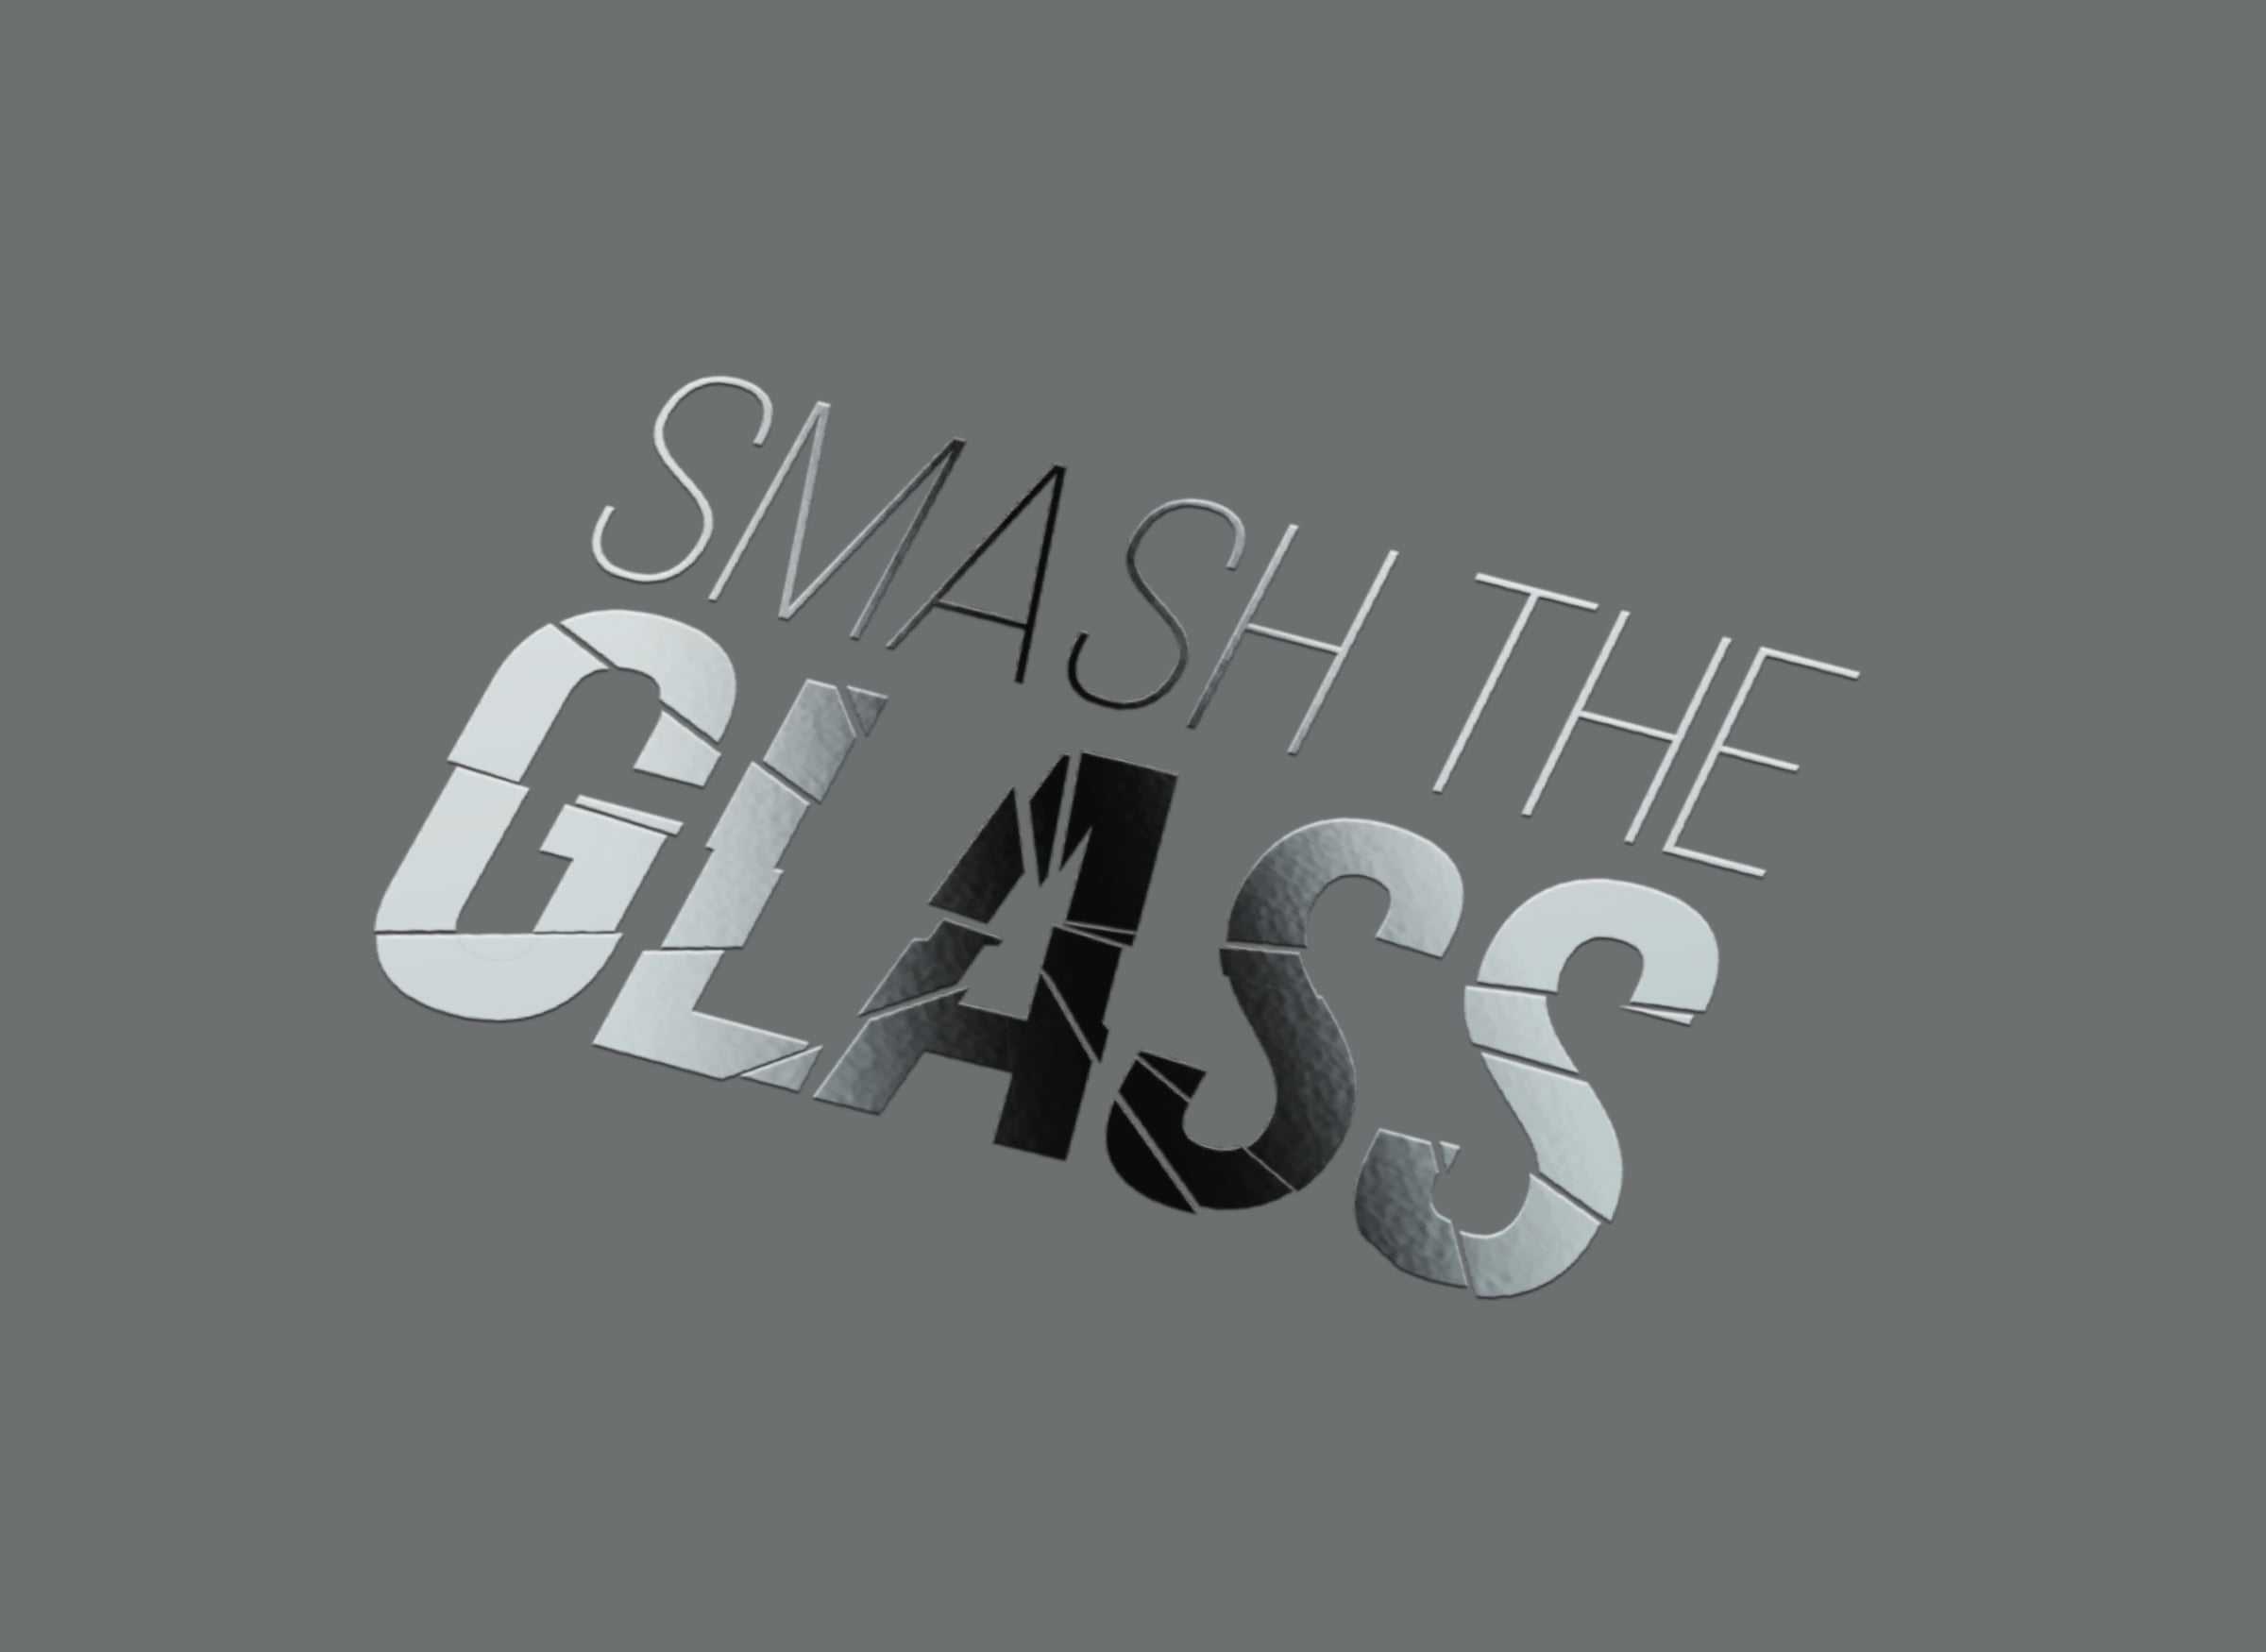 Smash The Glass logo design